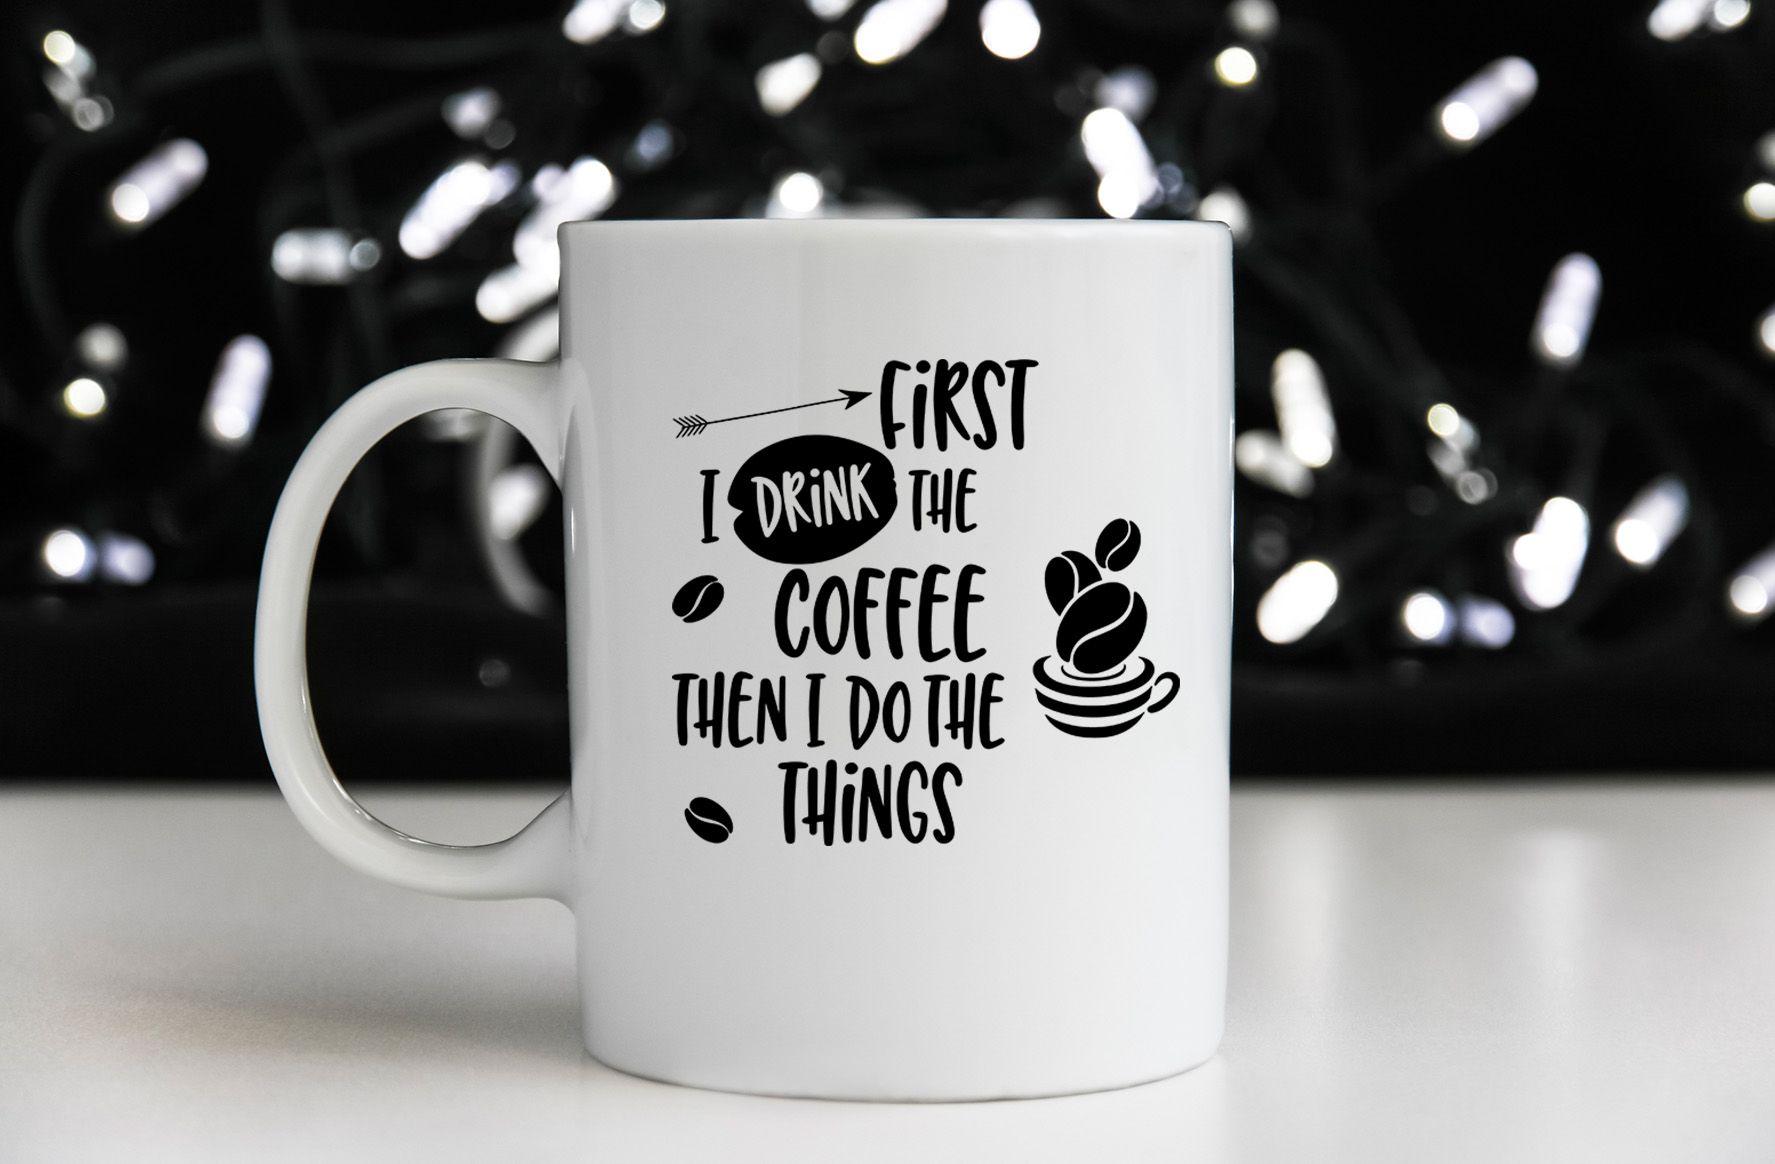 Pin On Coffee Mug Funny Quotes